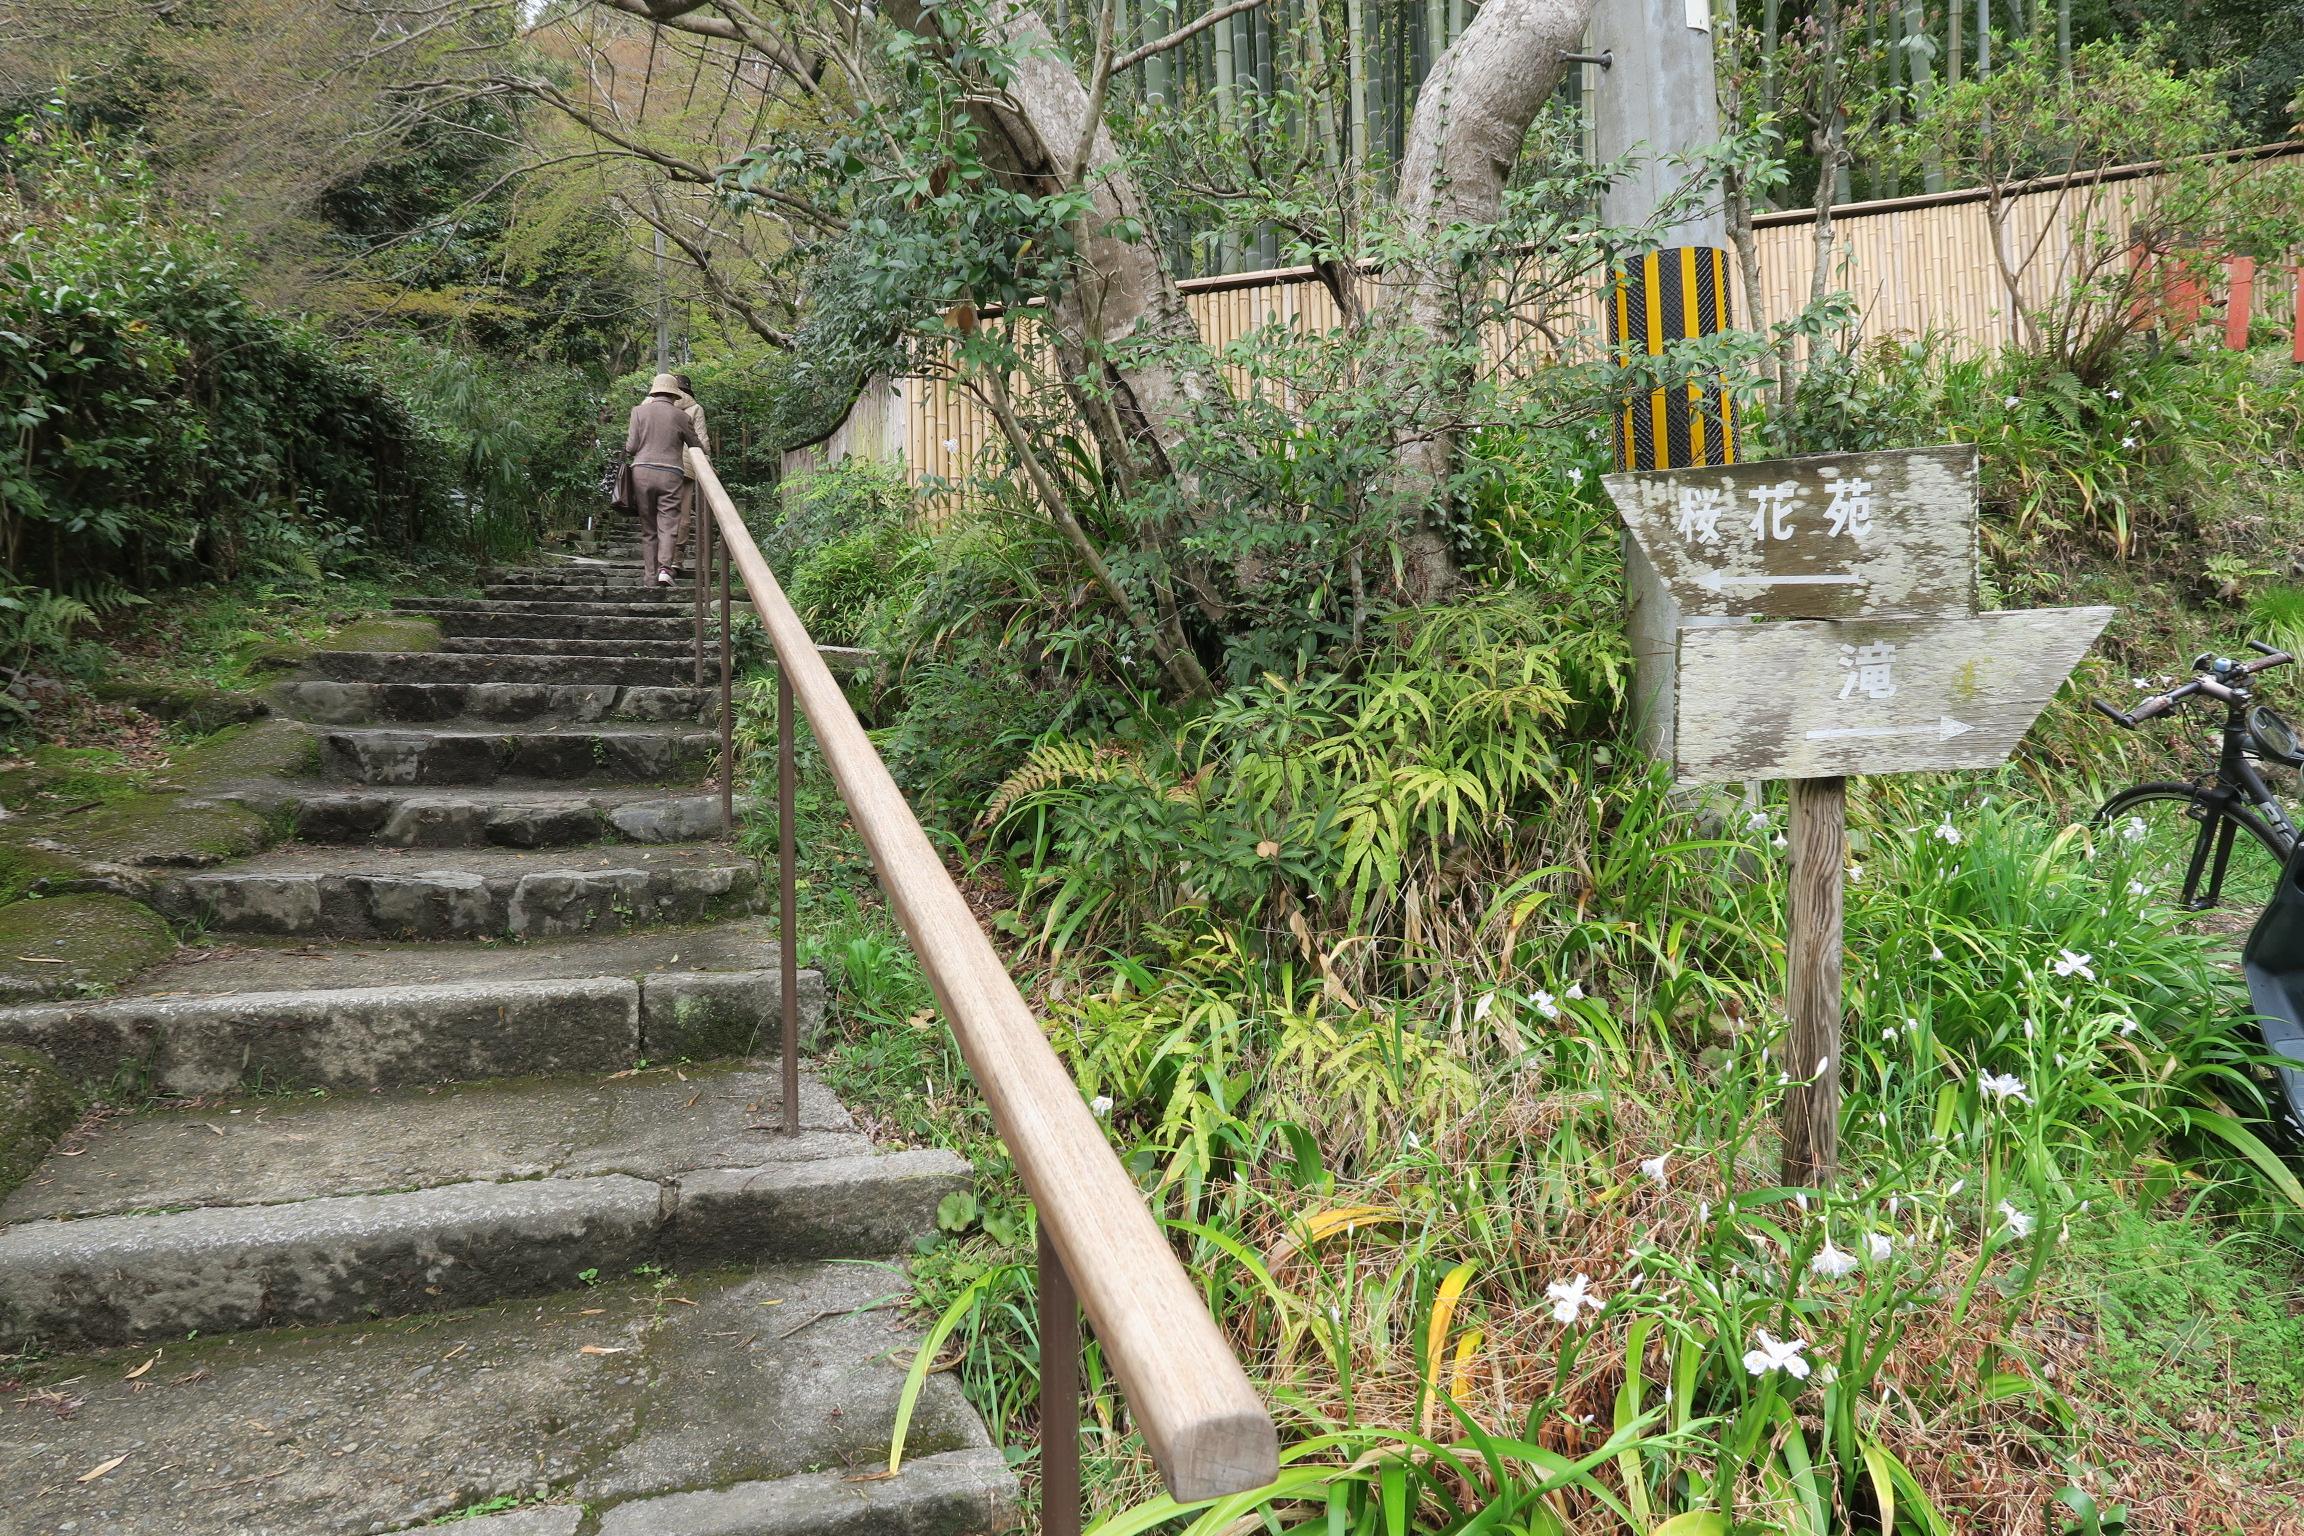 若王子神社の奥に「桜花苑」があるというので行ってみました。